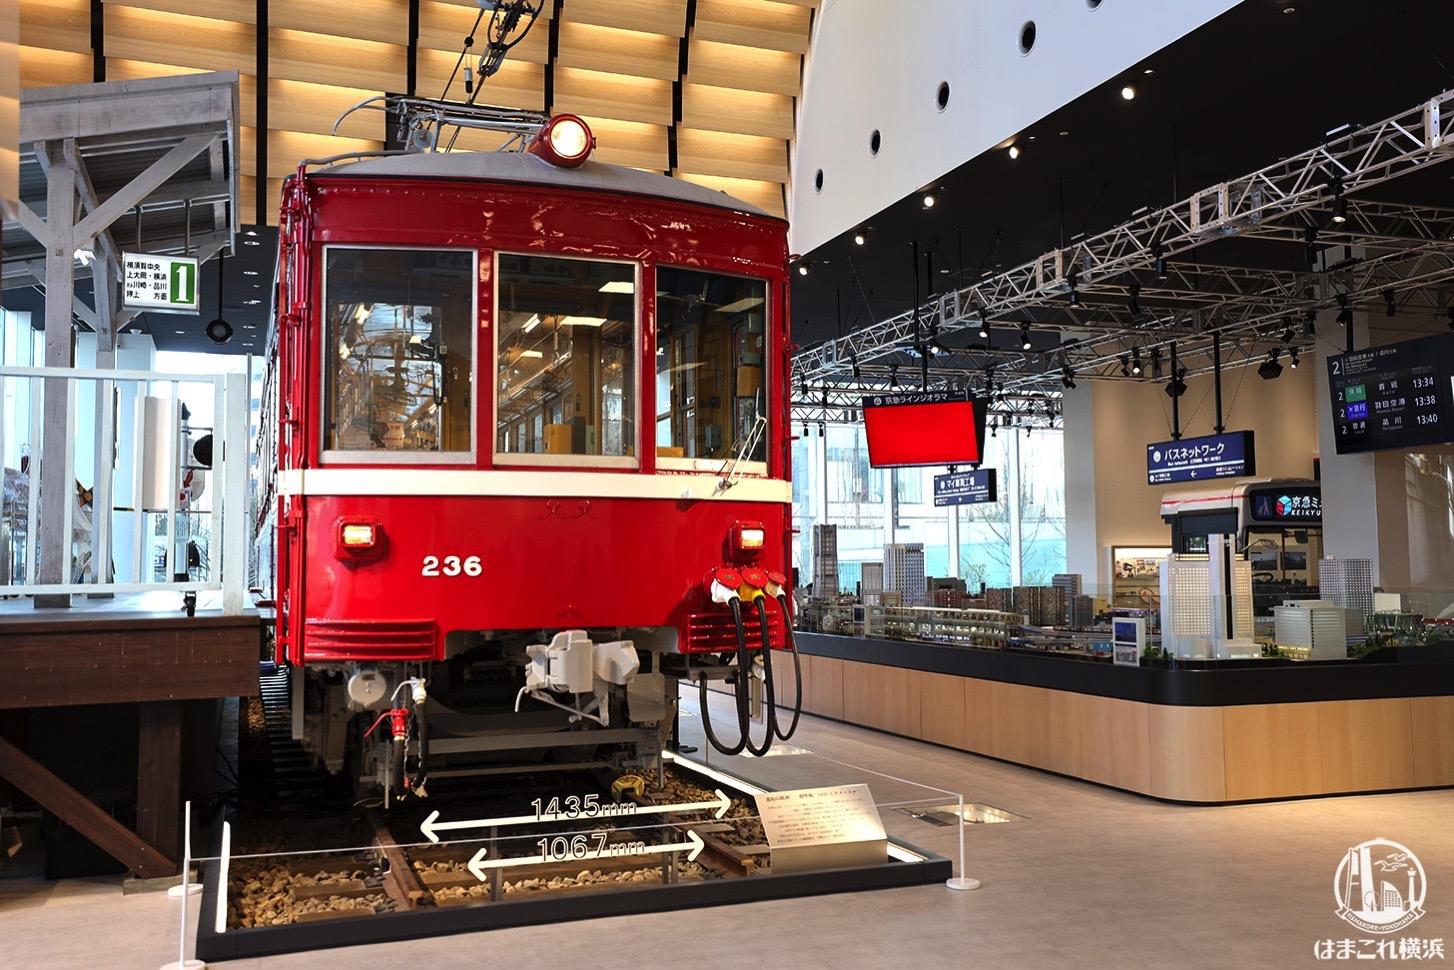 京急ミュージアムはマイ車両工場や運転体験、車両展示など魅力満載!現地徹底レポ